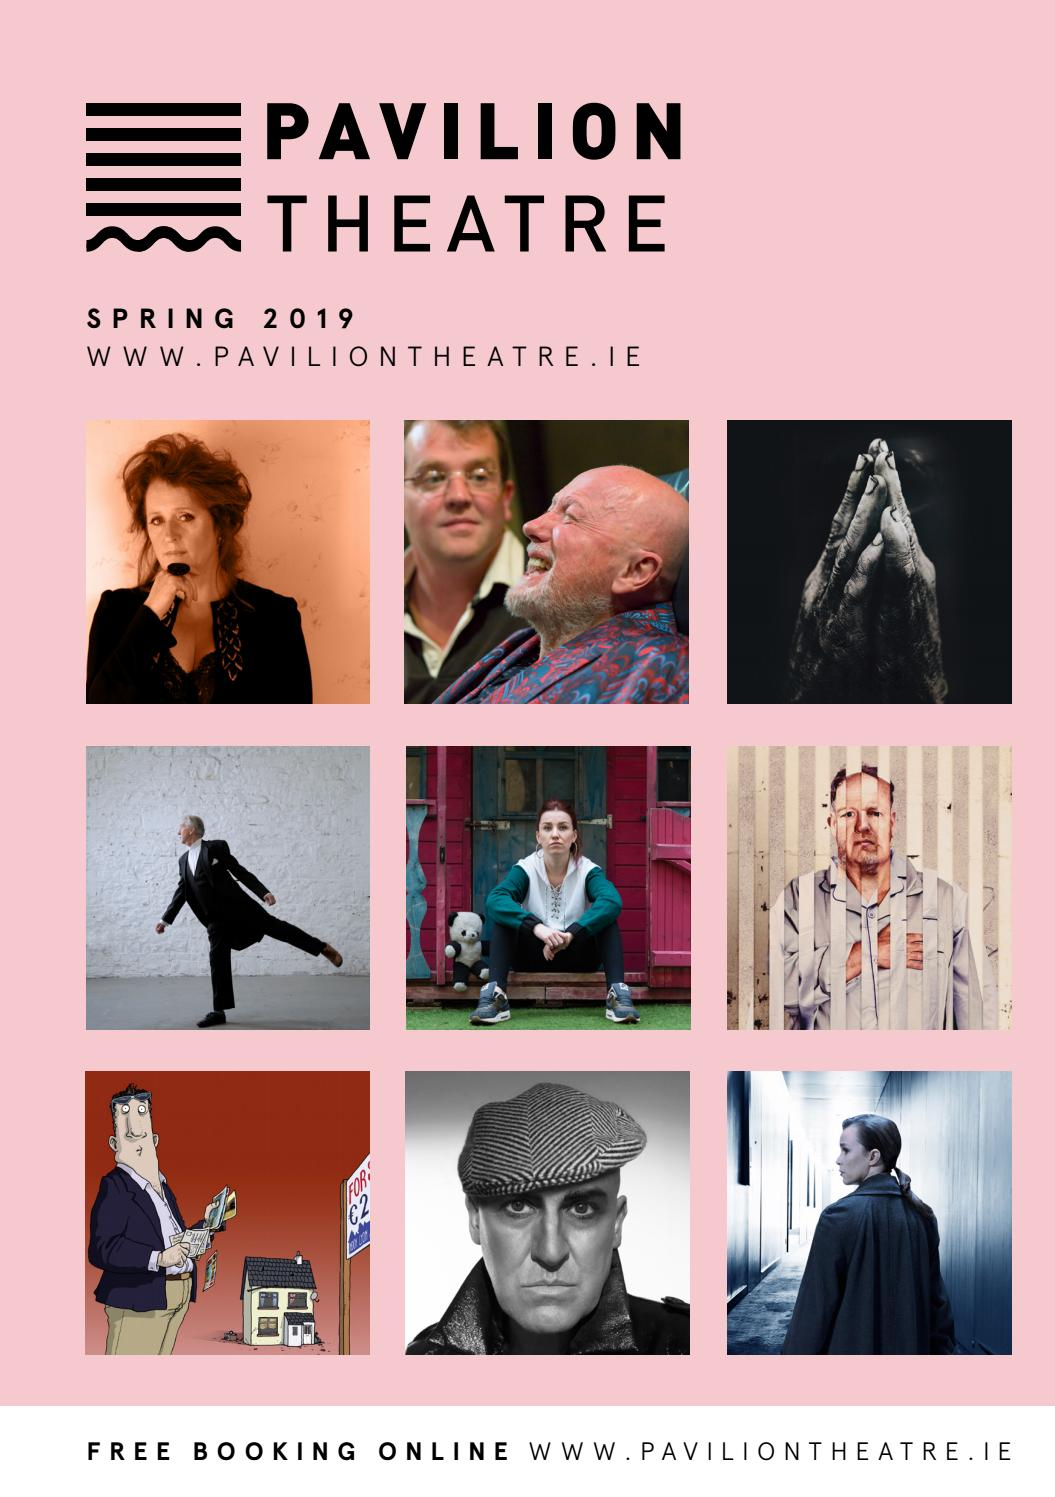 Pavilion Theatre Spring 2019 Brochure by Pavilion Theatre